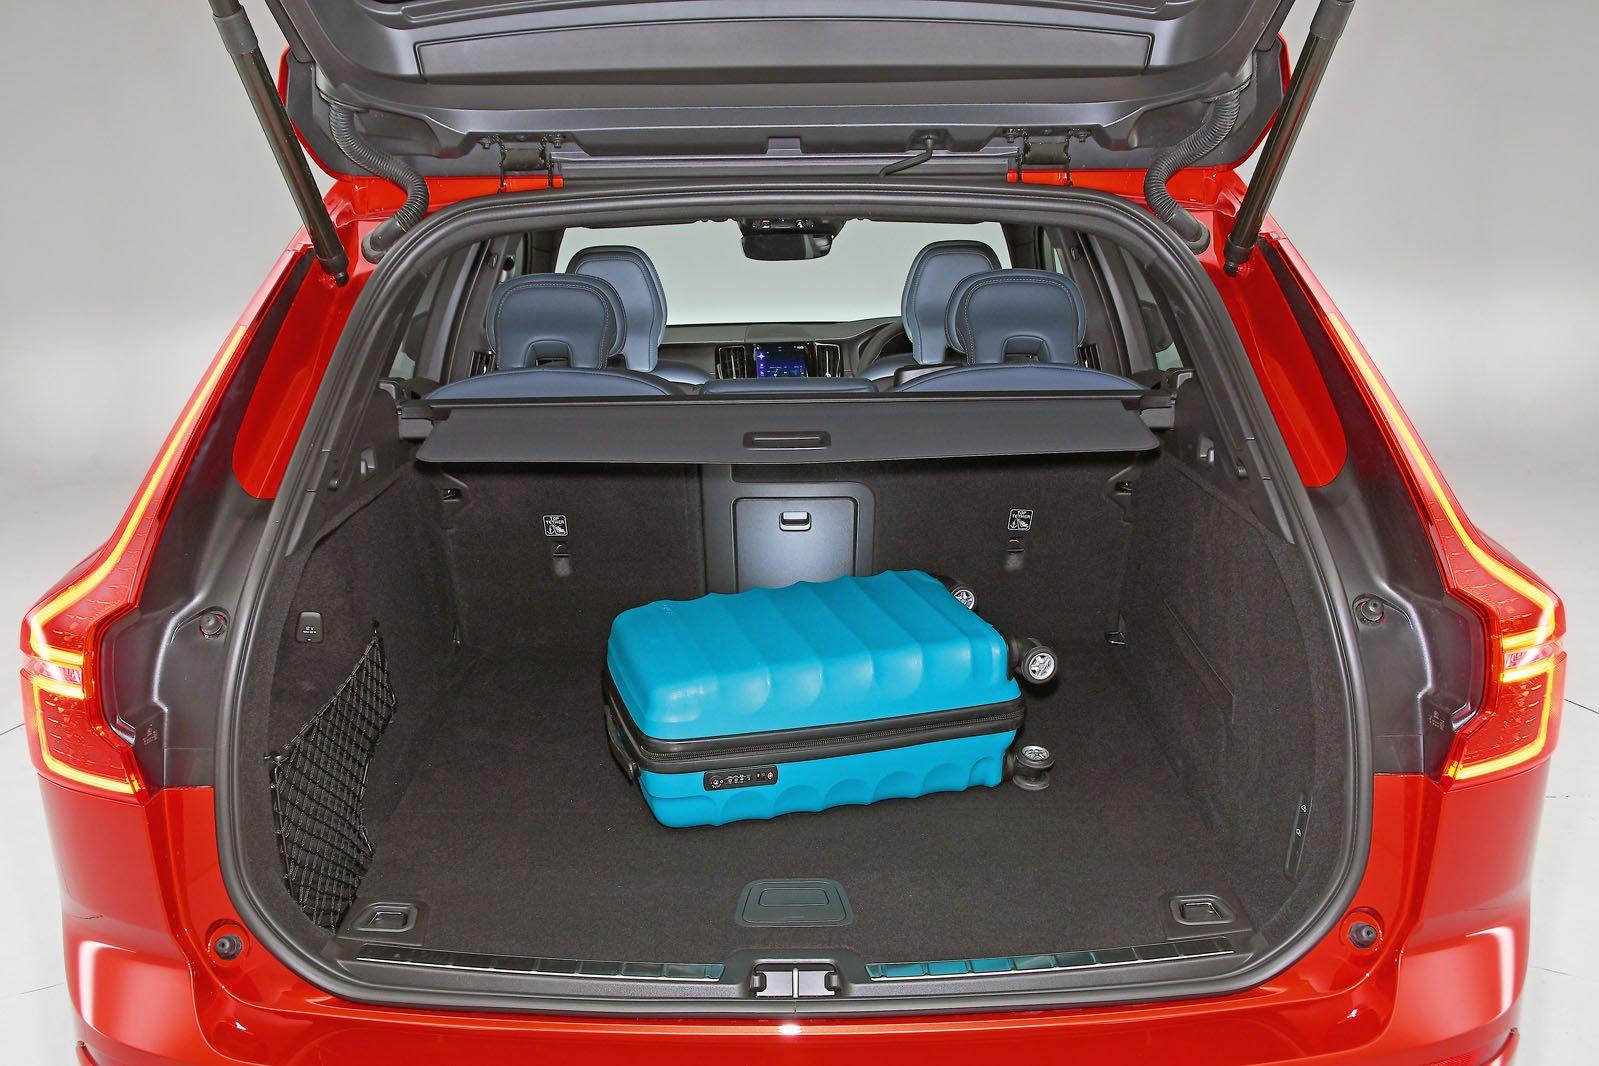 Volvo XC60 boot